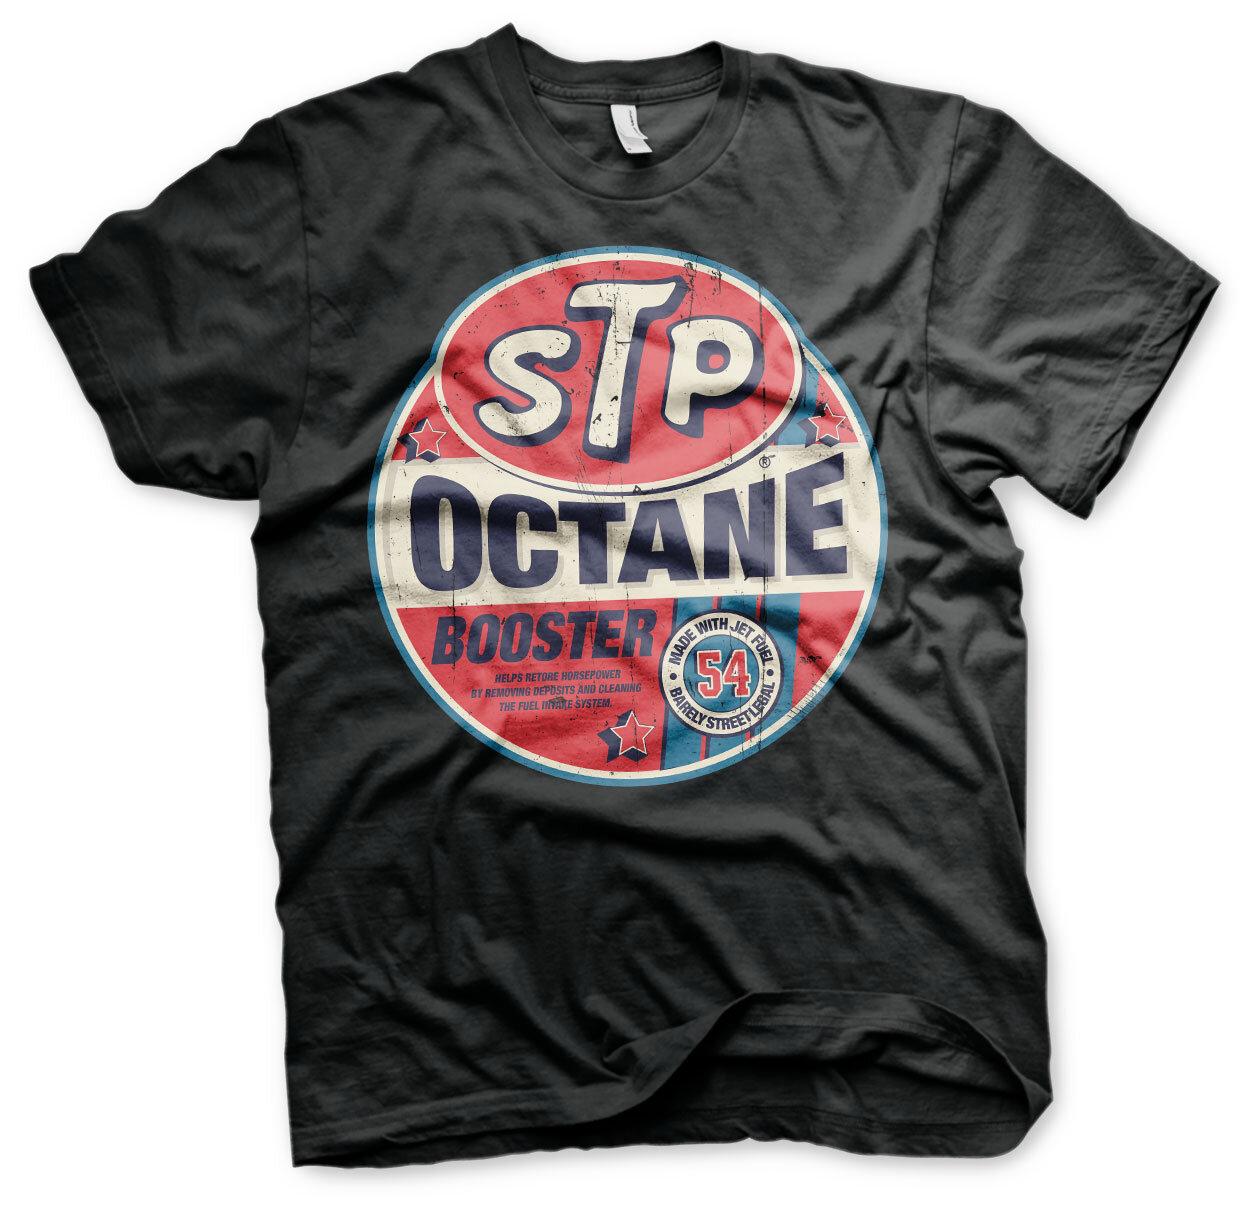 STP Octane Booster T-Shirt